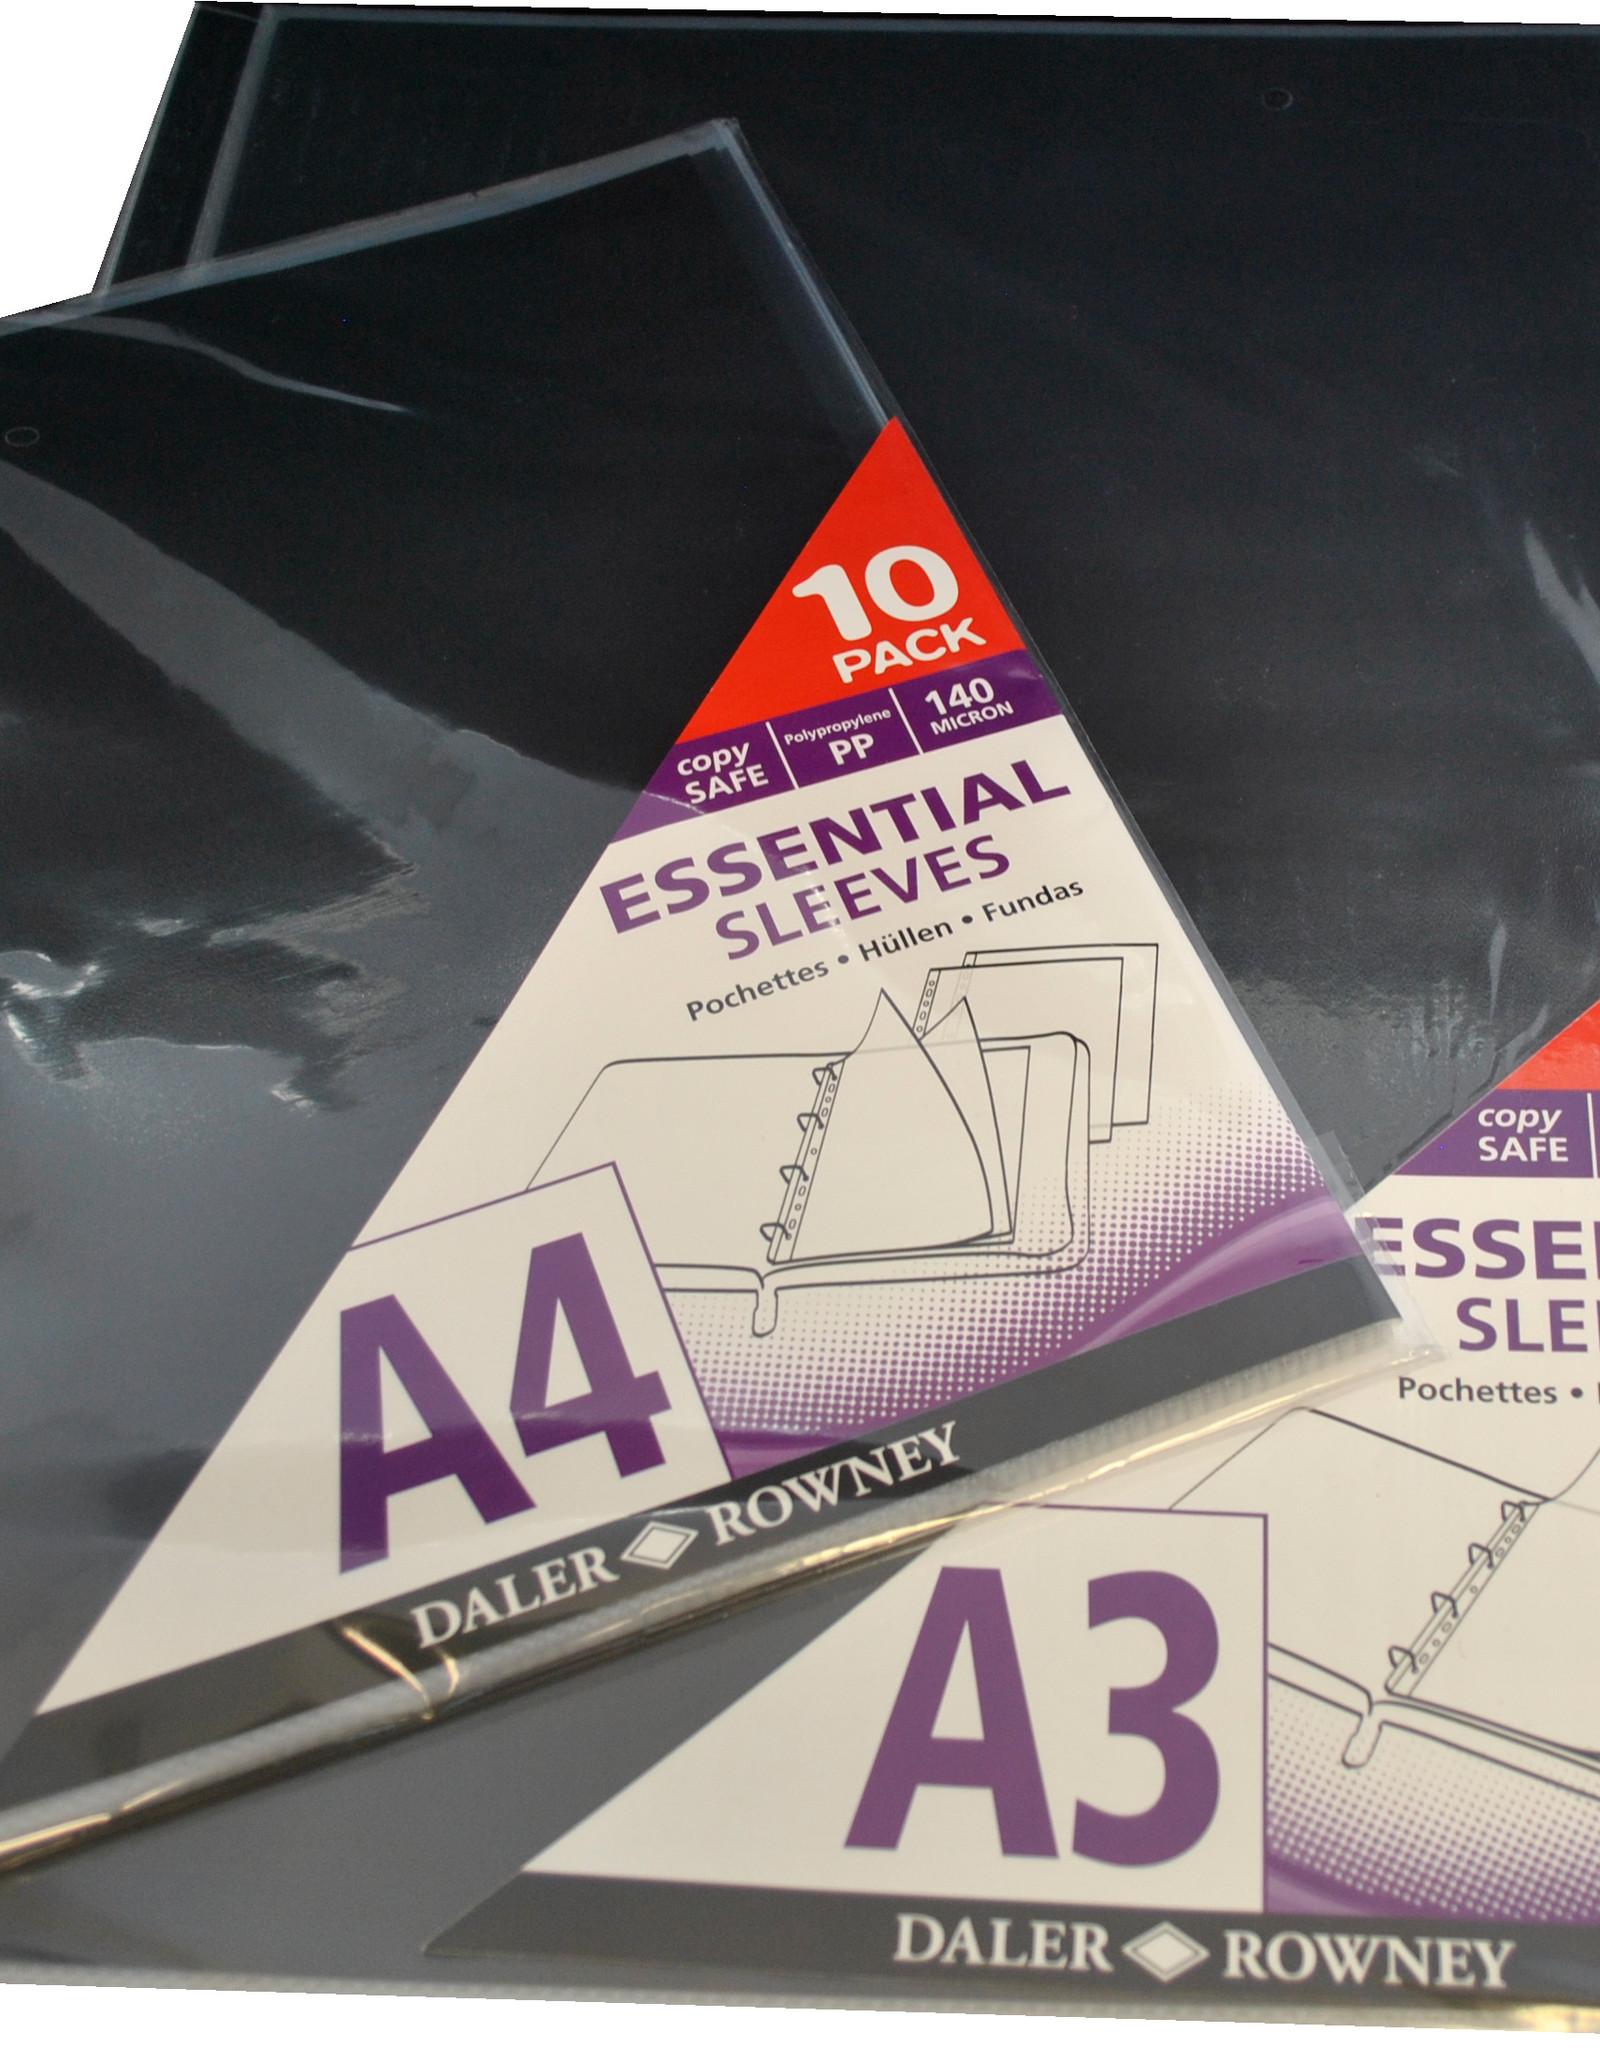 Daler-Rowney 10 stuks Daler Rowney glasheldere inleg zichtmappen voor Artcase A4 30,5x22,8cm glasheldere inleg zichtmappen met gestandariseerde gaten